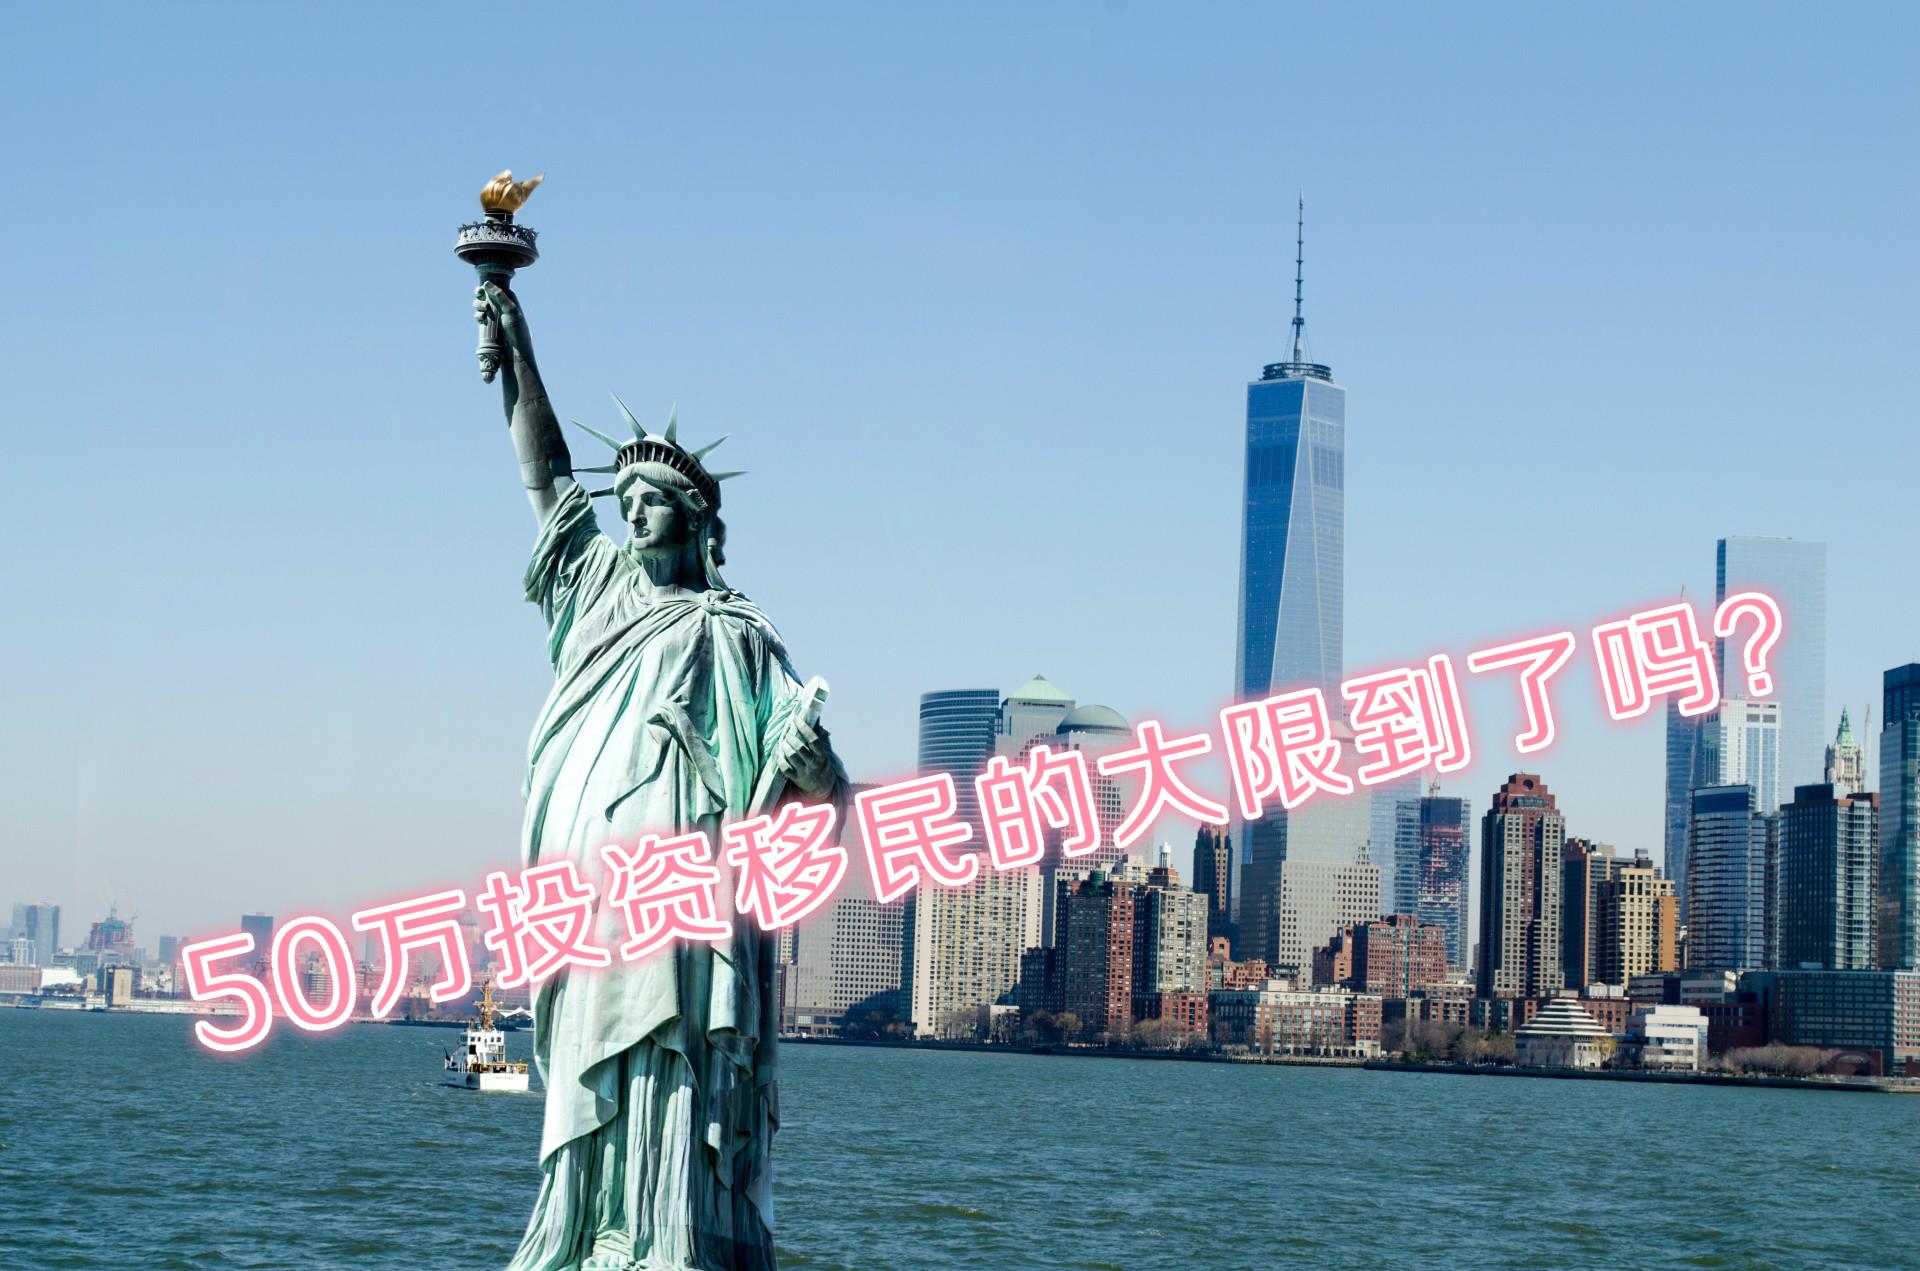 美国投资移民末班车说来就来,哪一天最关键?